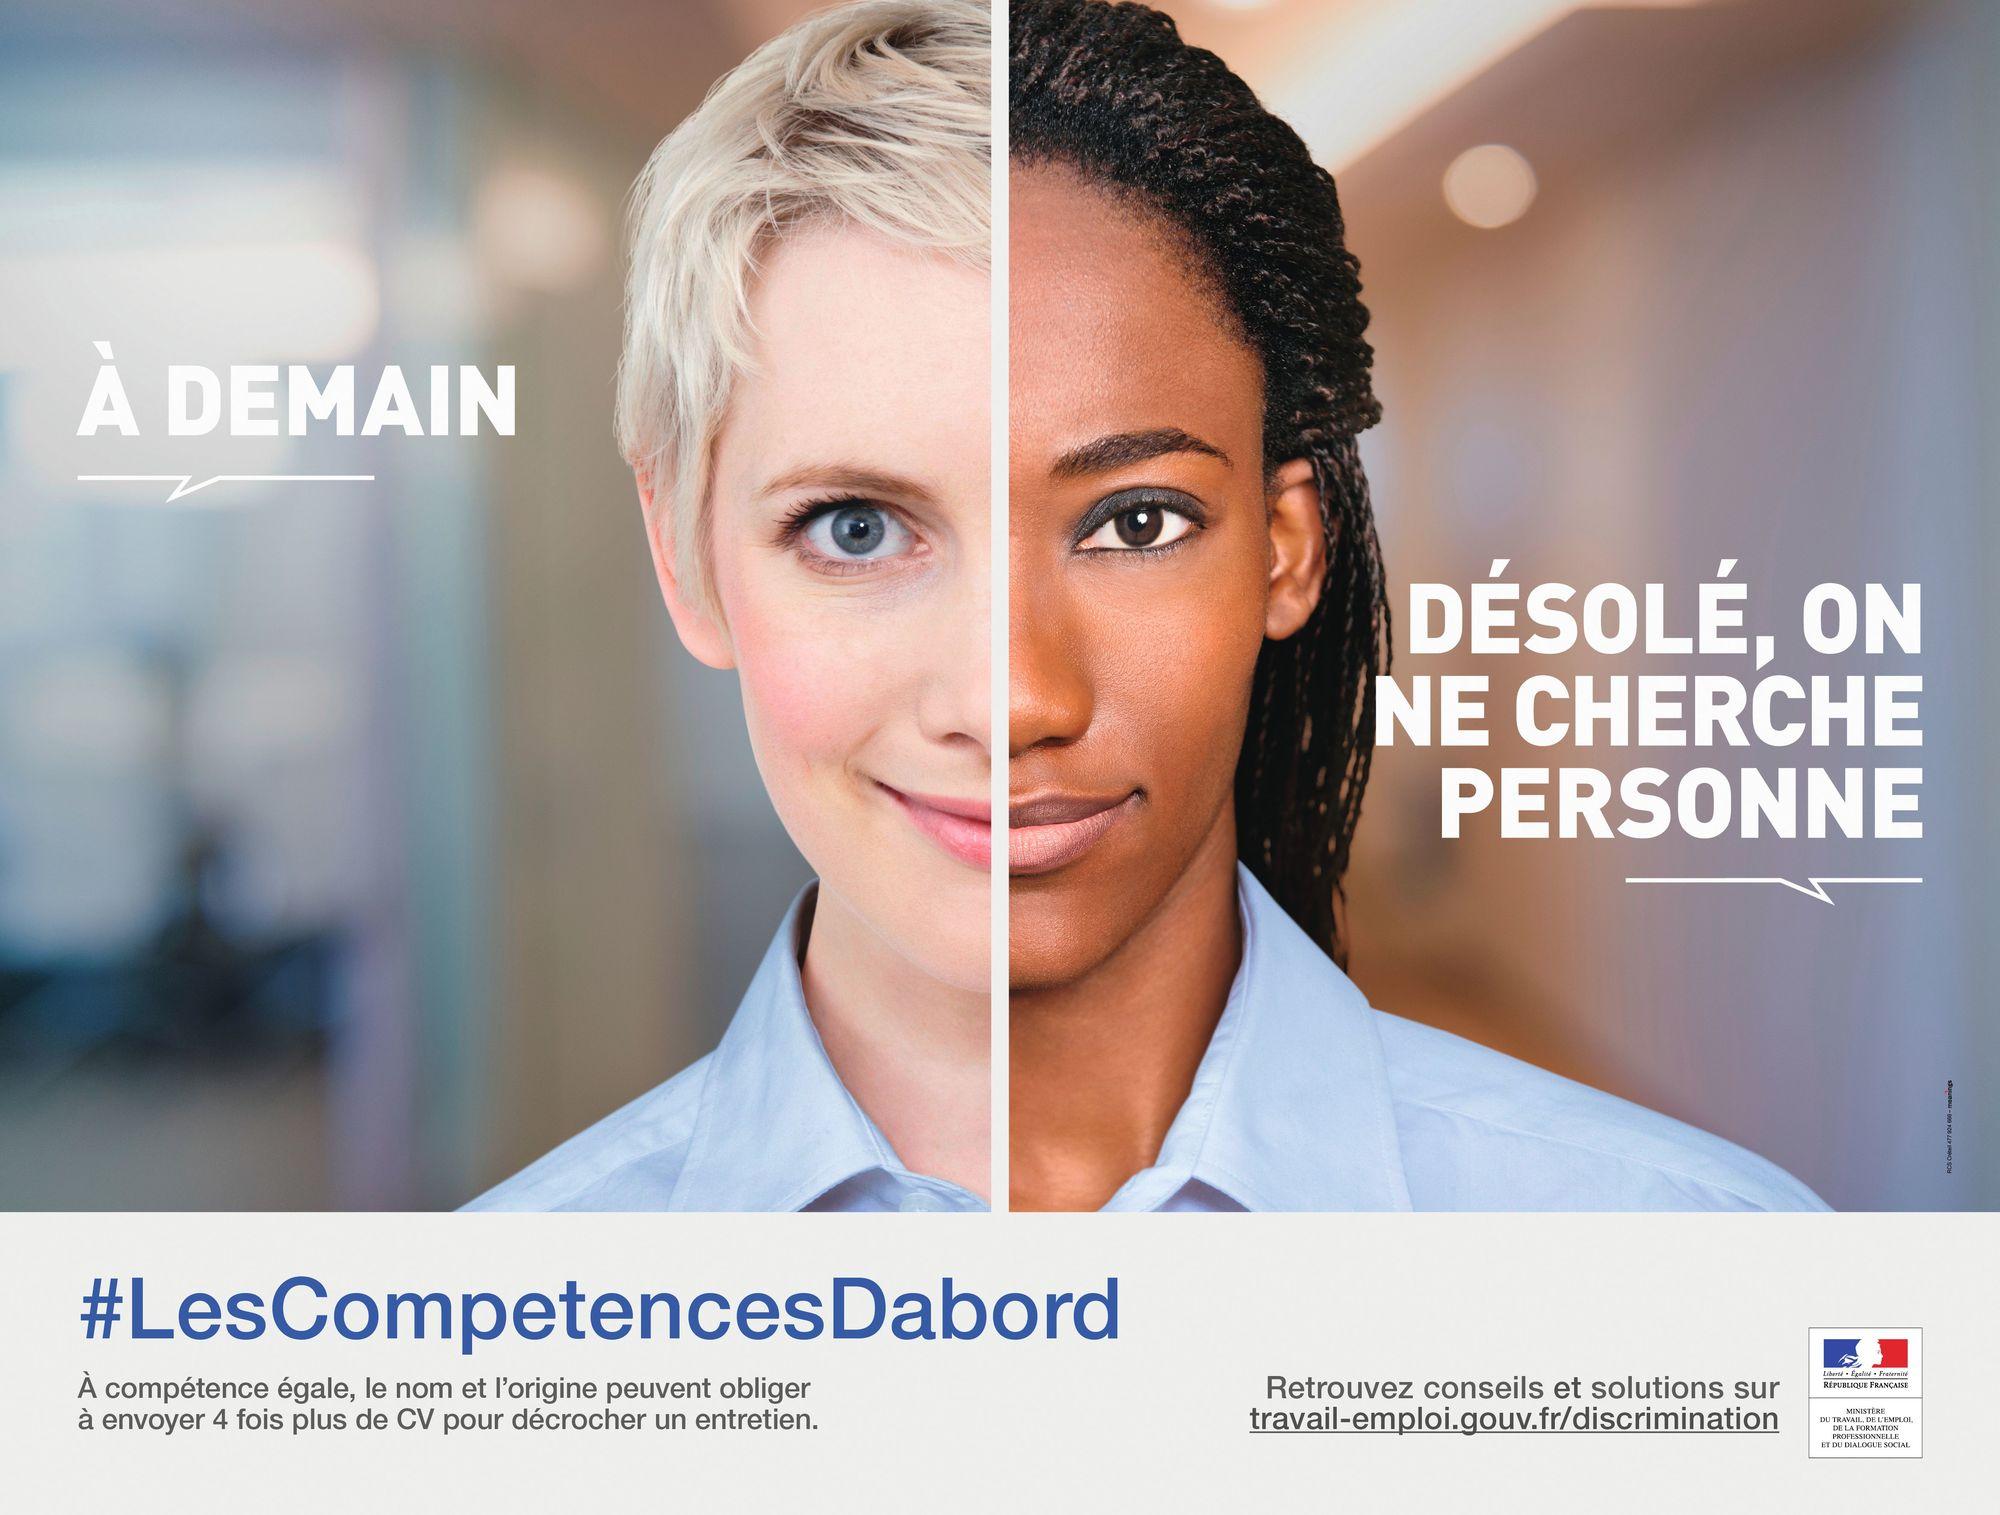 Campagne d'affichage du ministère du Travail, de l'Emploi, de la Formation professionnelle et du Dialogue social, « #LesCompetencesDabord », avril 2016.